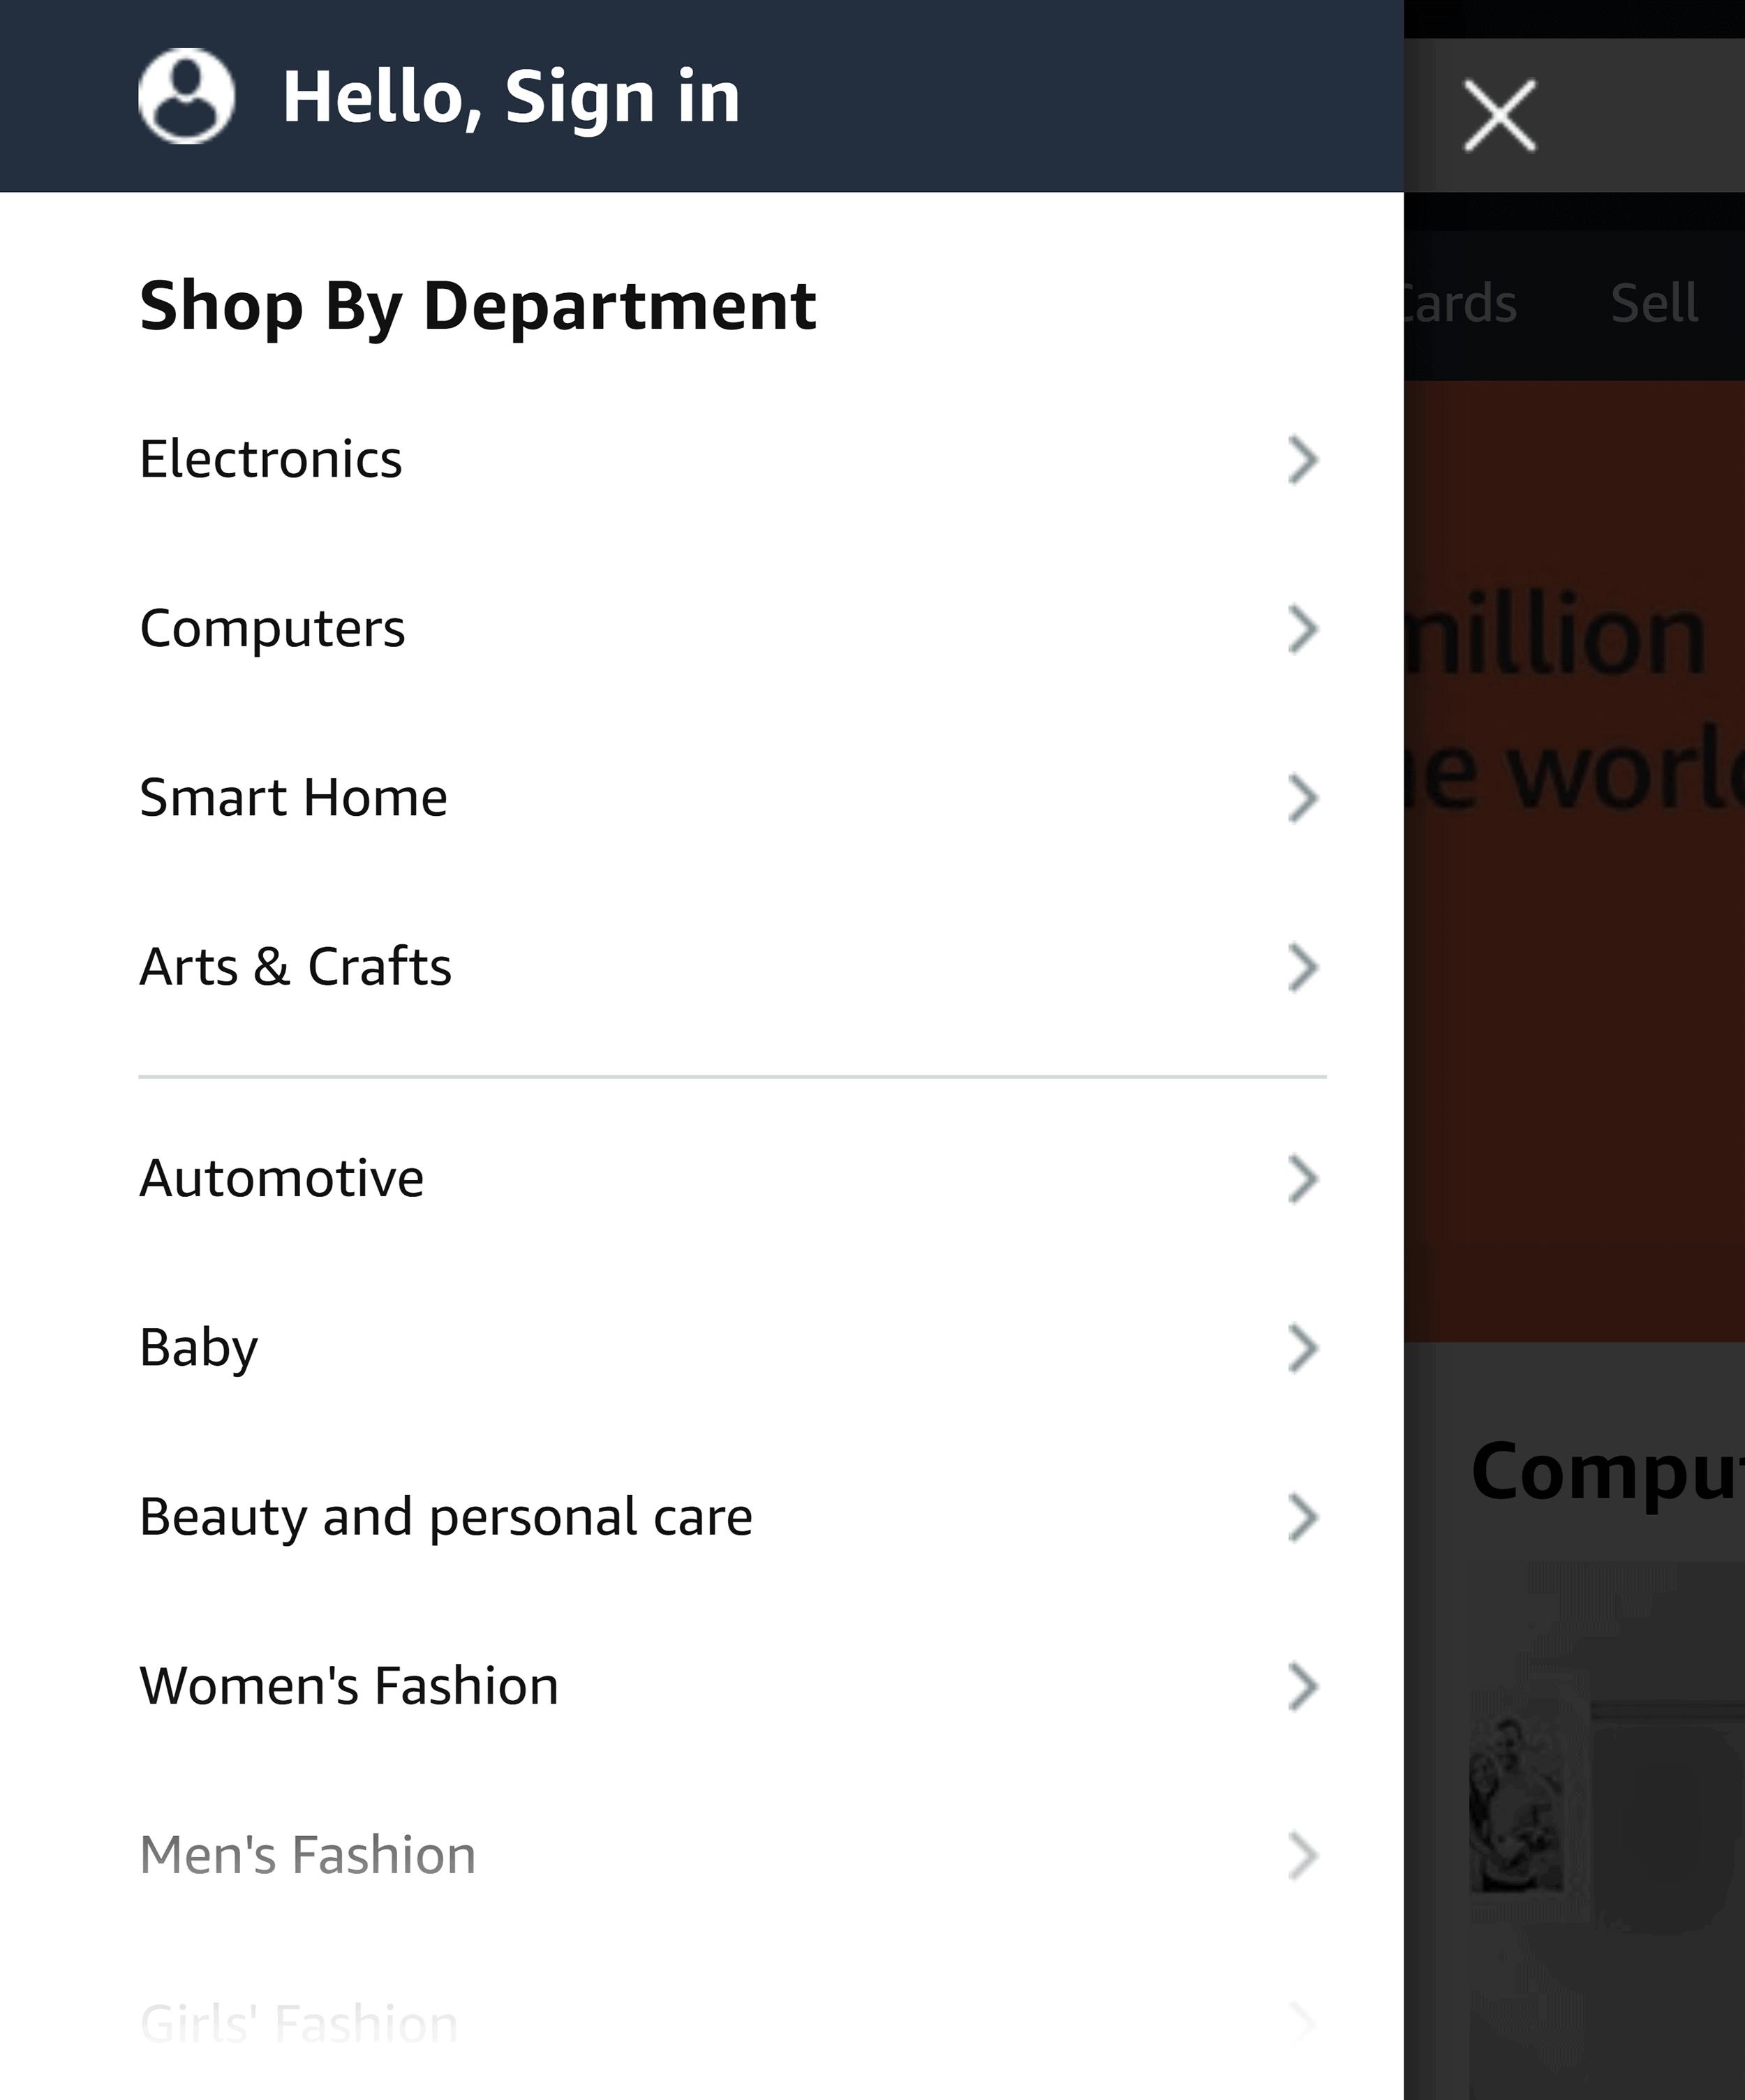 Amazon departments